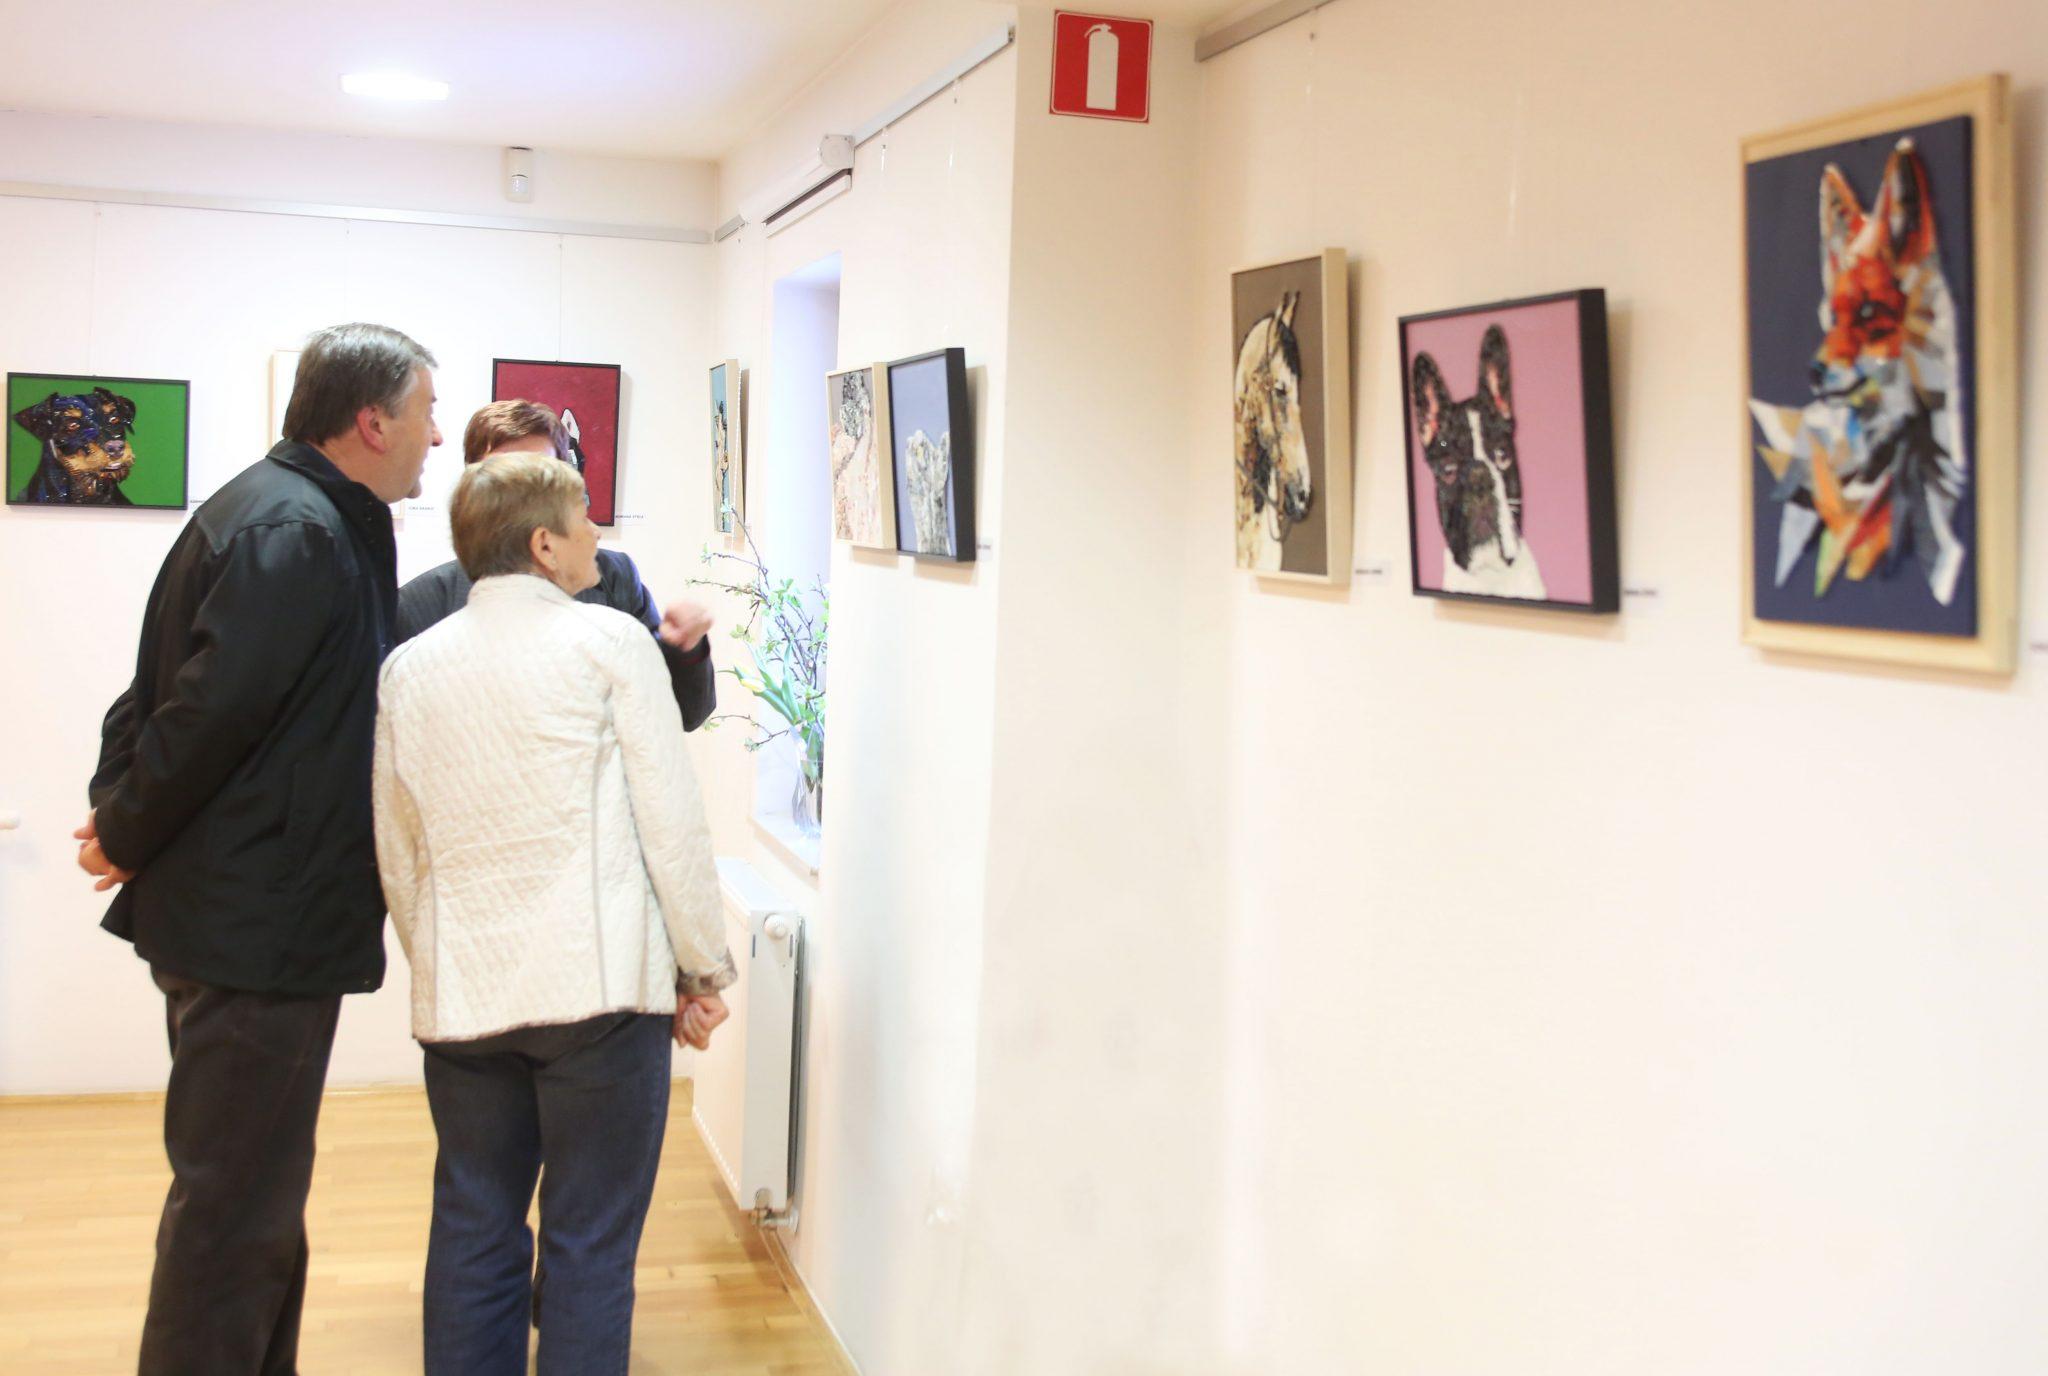 RAZSTAVA MOZAIKOV 01 FOTO LJUBO VUKELIČ - Odprtje razstave - Pogled v živalski svet - sekcije Mozaik KD Rak Rakek